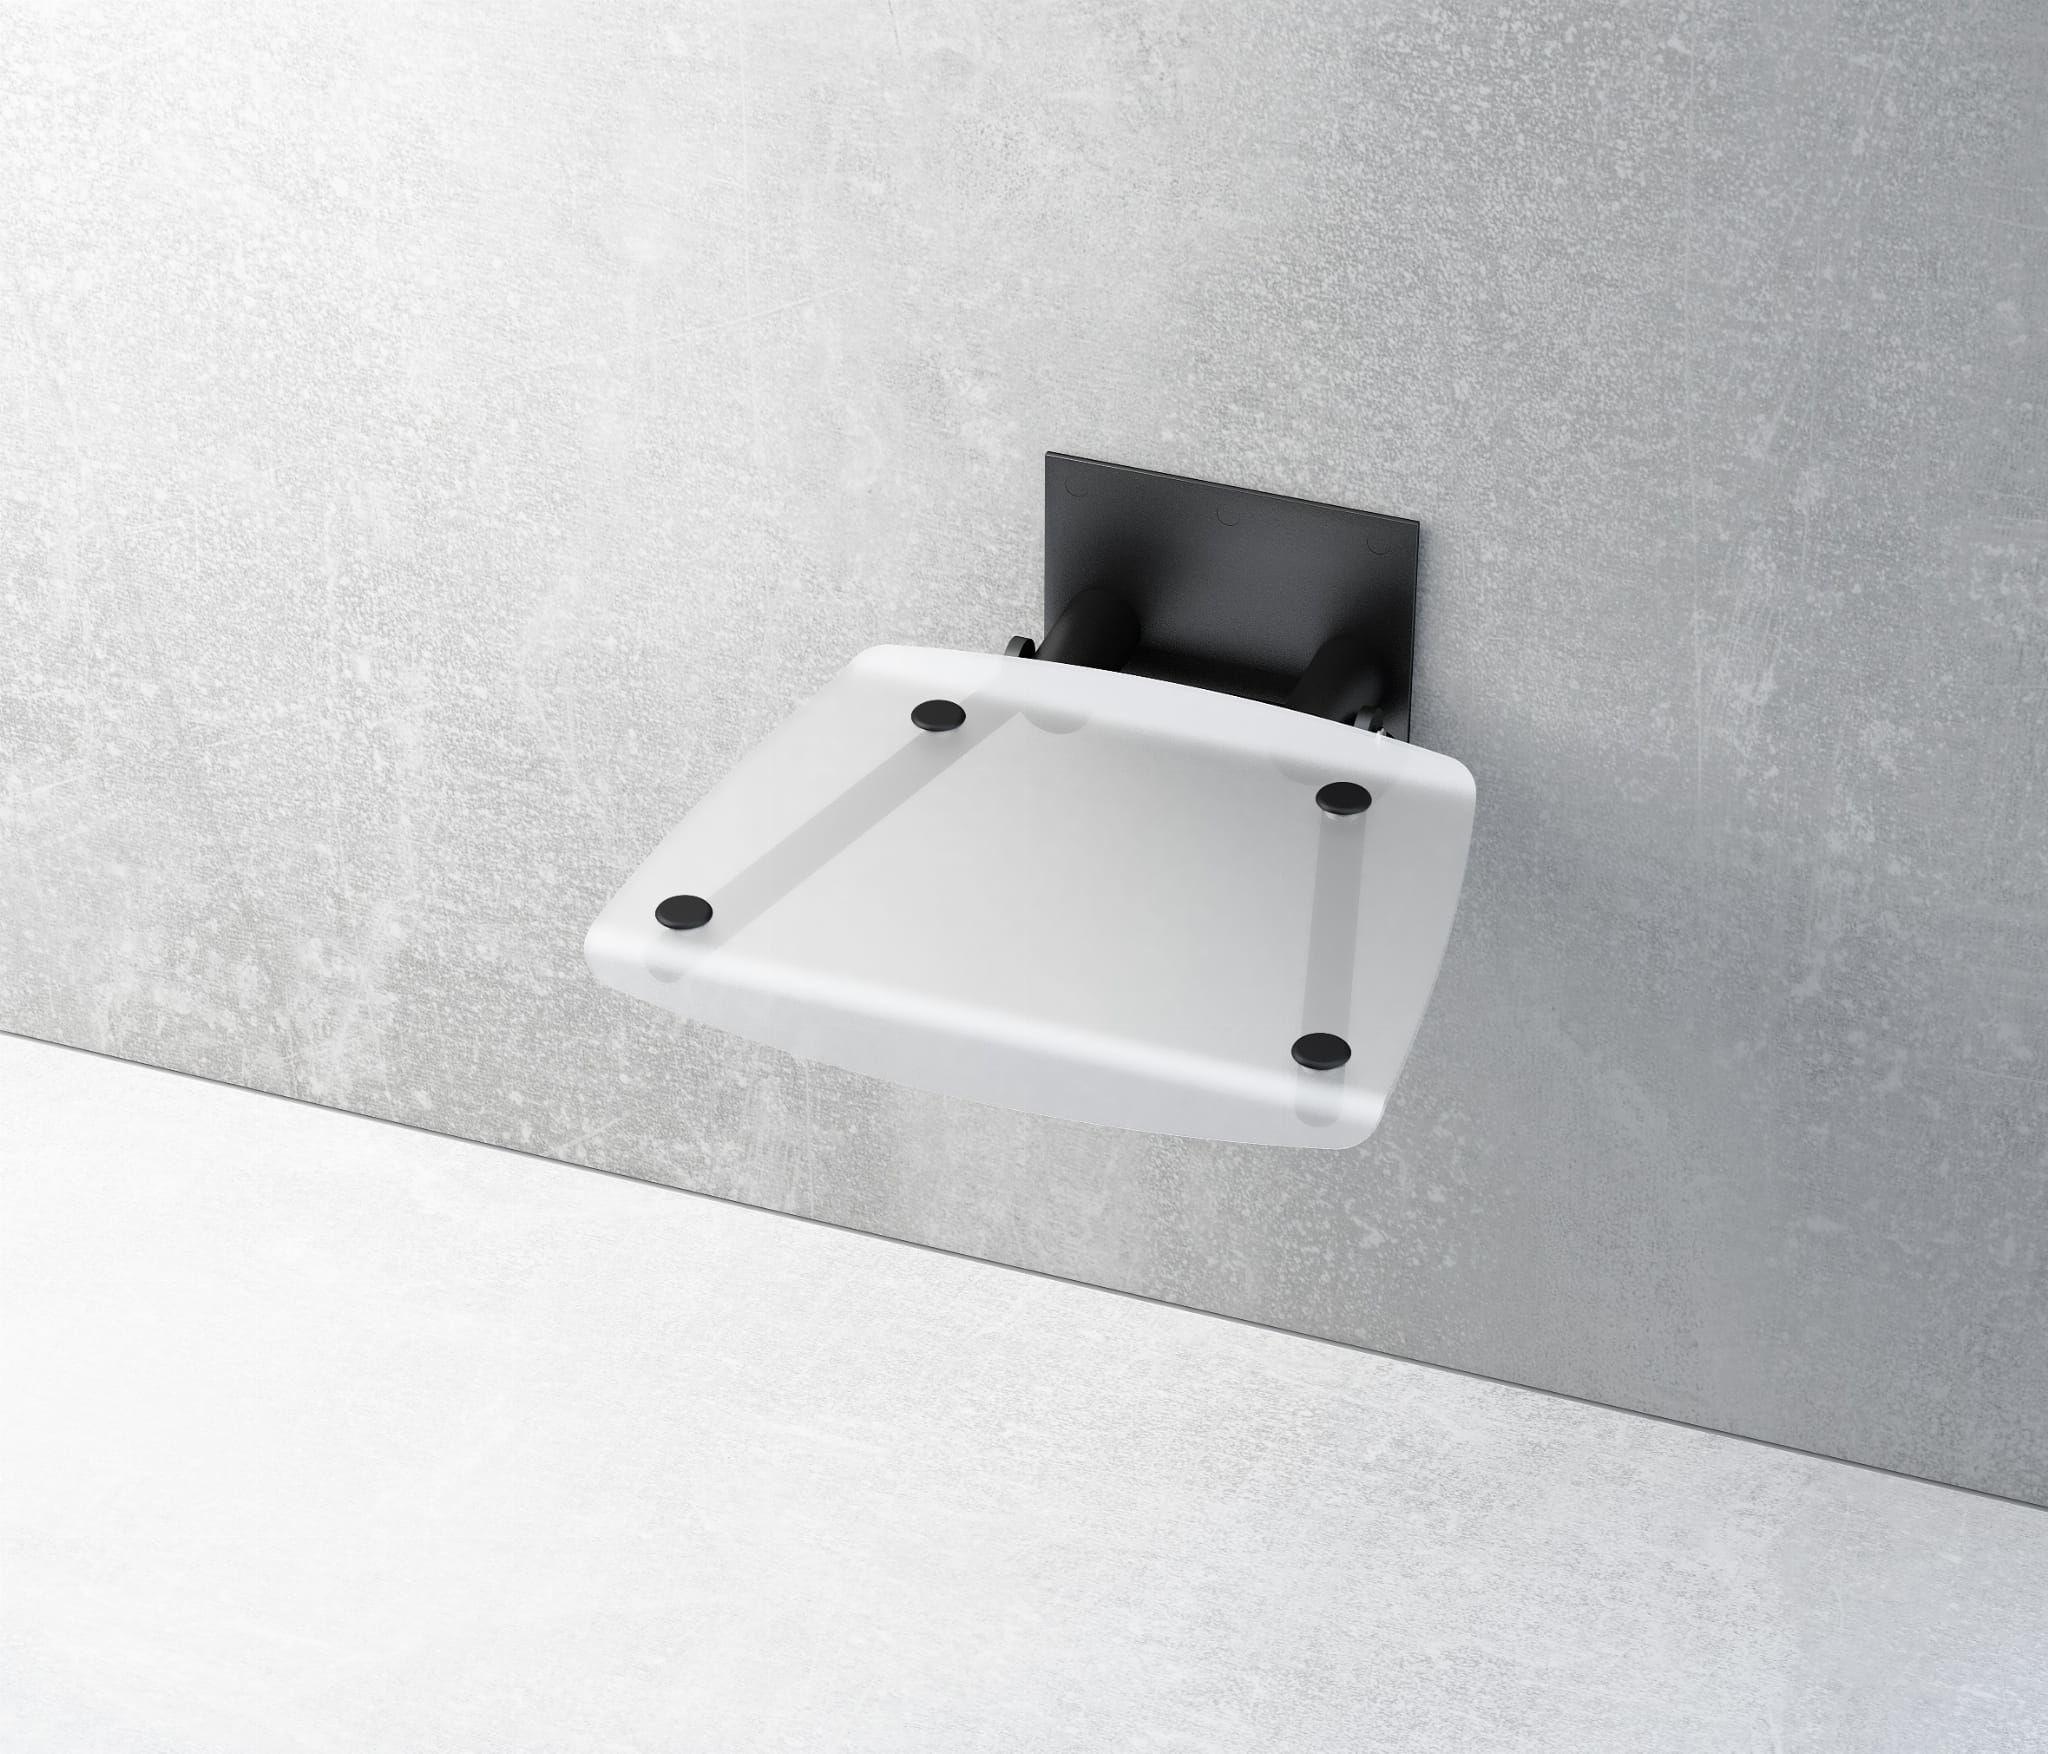 Ravak siedzisko prysznicowe Ovo B clear/czarne B8F0000045 wysyłka 24h